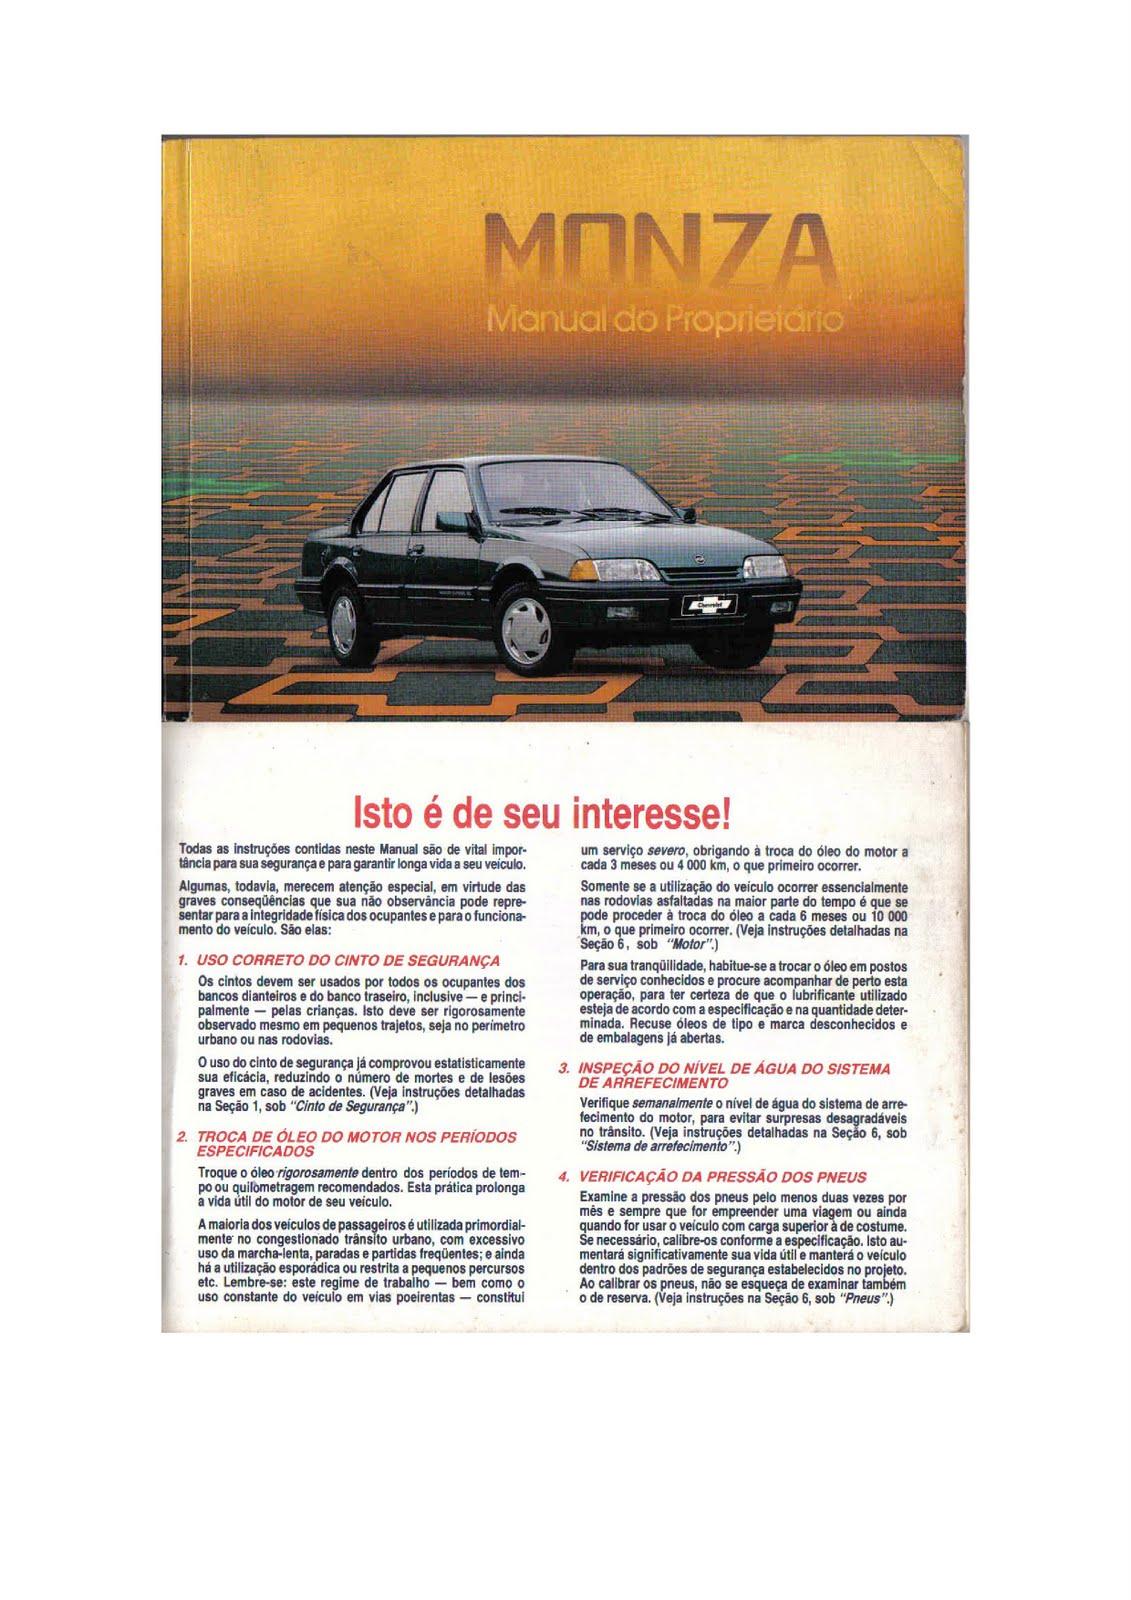 manuais do propriet rio gm monza 1991 rh manuaisdoproprietario blogspot com manual de reparações do monza 91